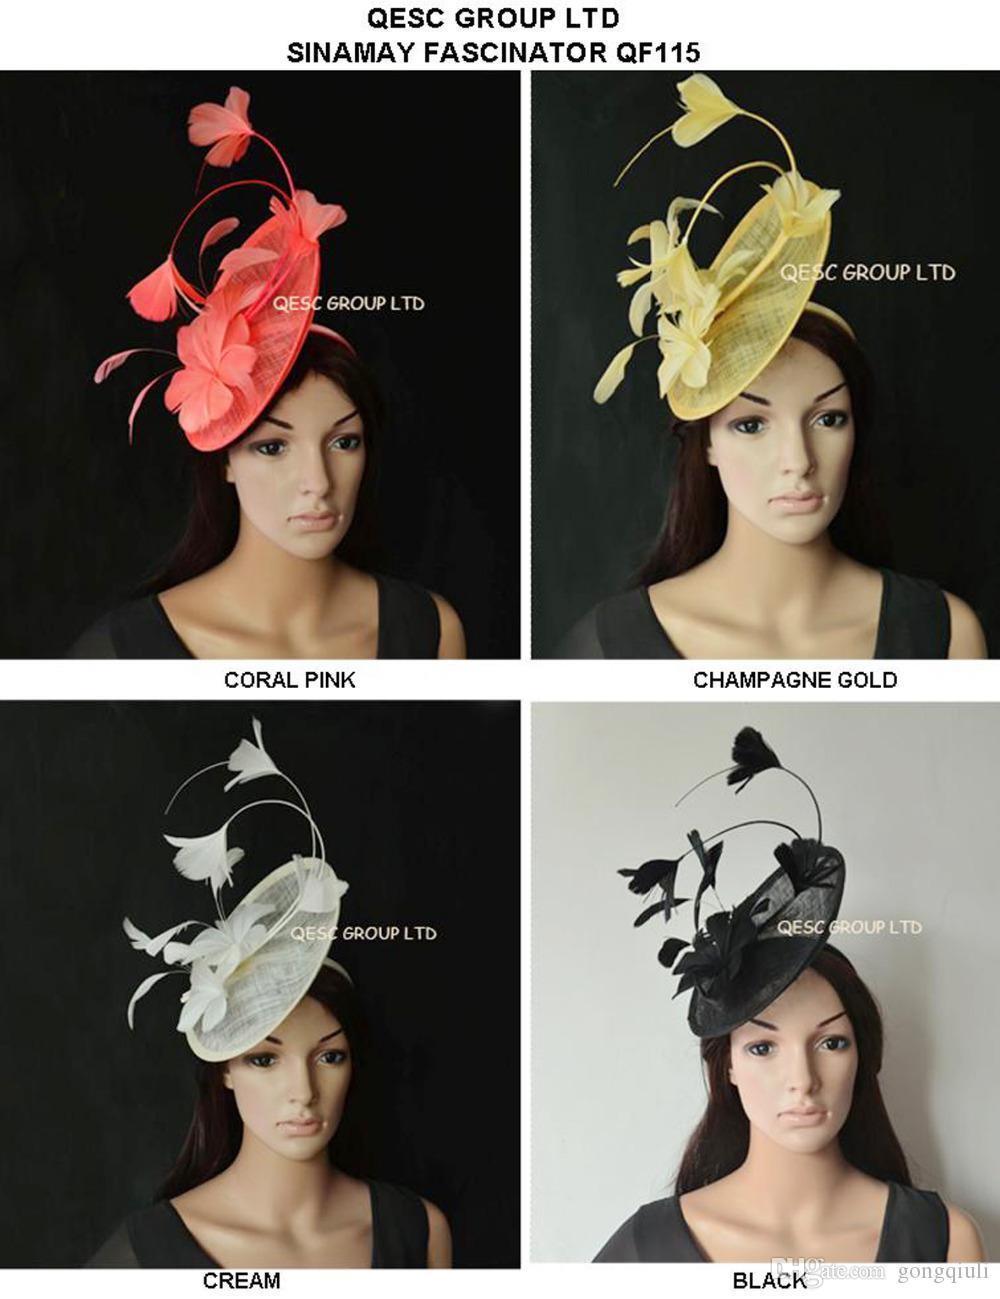 Nuovo arrivo. sinamay cappello fascinator della piuma per la Melbourne Cup, Wedding.Kentucky derby, Races.champagne gole, avorio, nero, corallo.